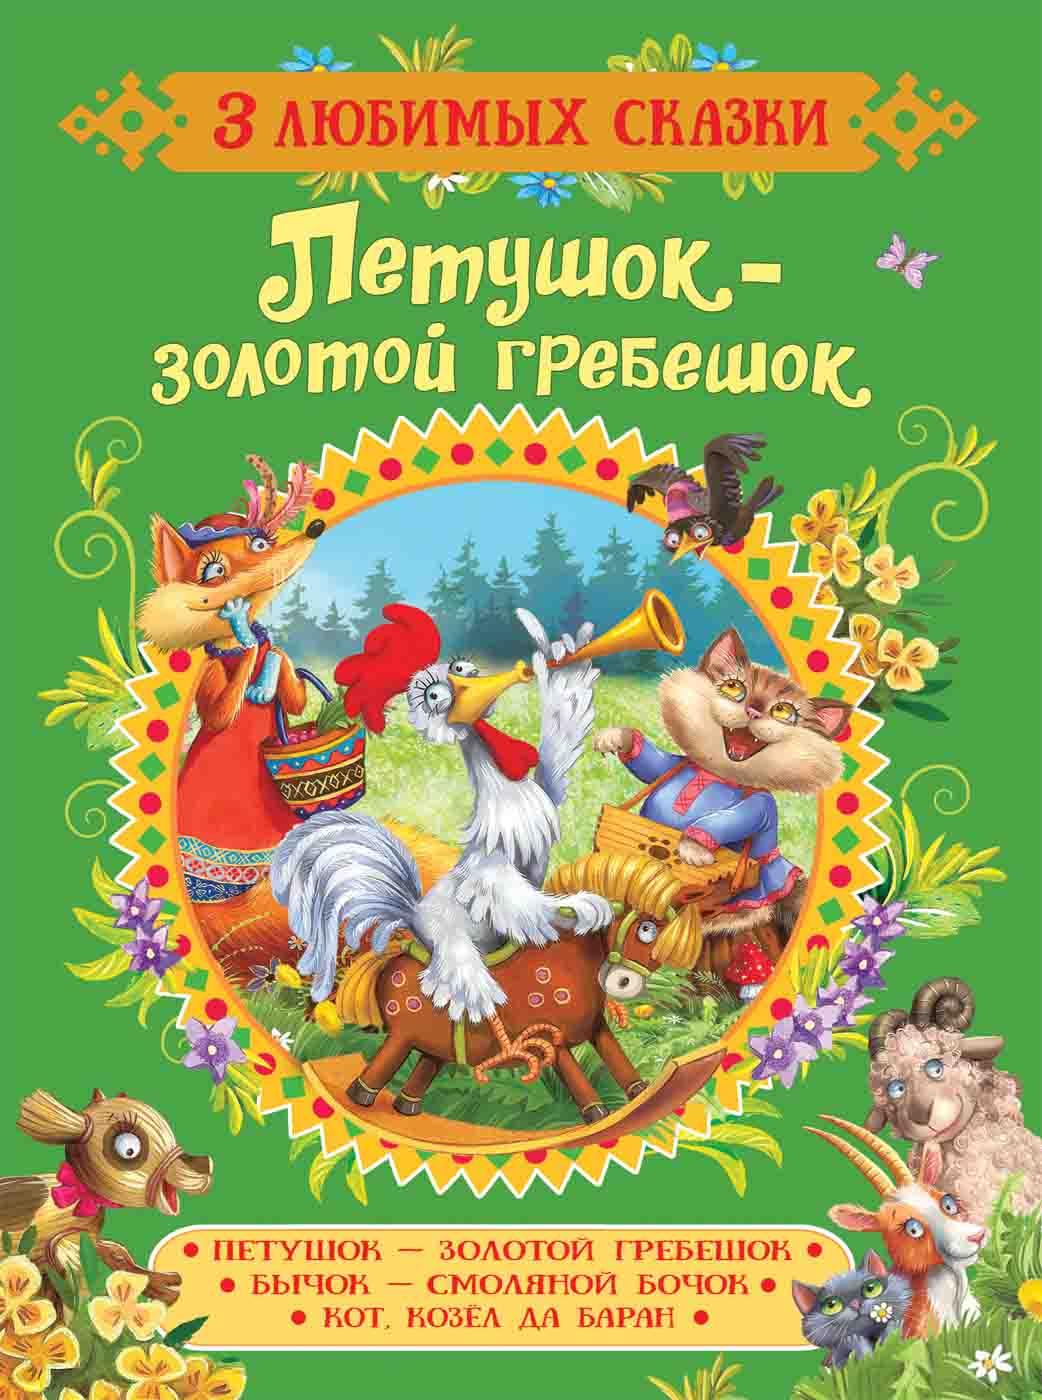 Купить Книга из серии 3 любимых сказки – Петушок-золотой гребешок Капица О. И., Толстой А. Н. и Мельниченко М.А., Росмэн